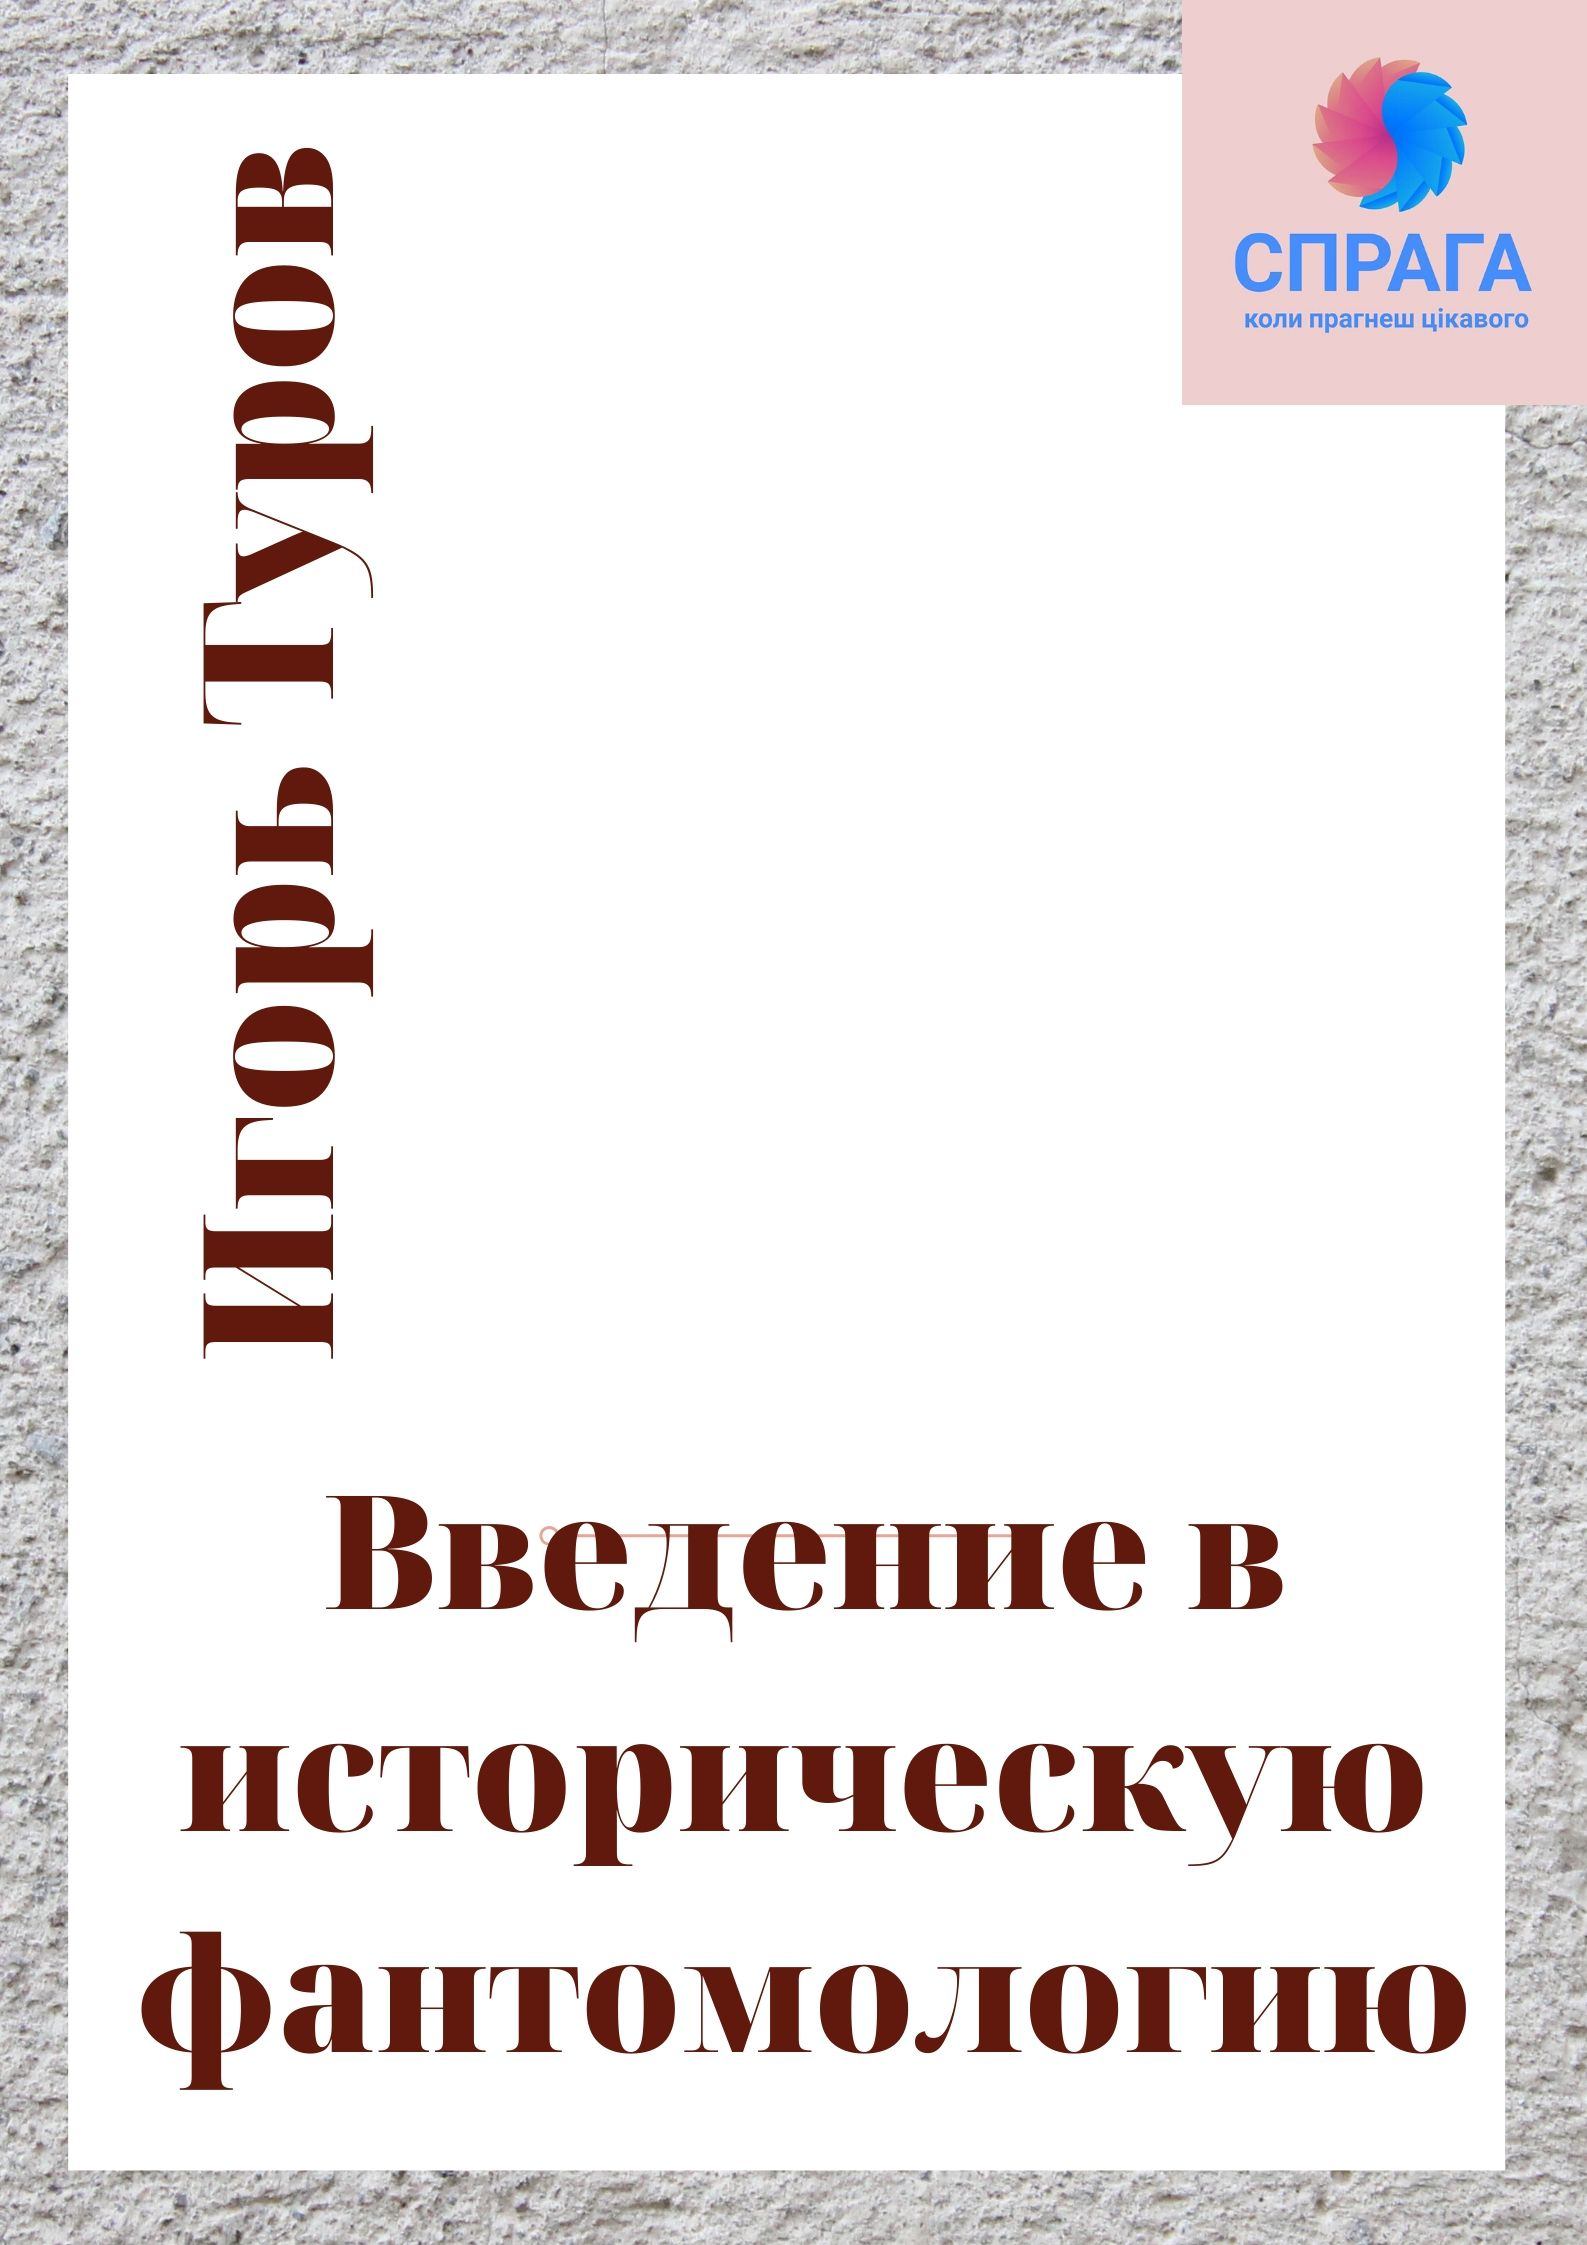 Ігор Туров, Игорь Туров, иудаика, философия, Ігор Туров, юдаїка, філософія